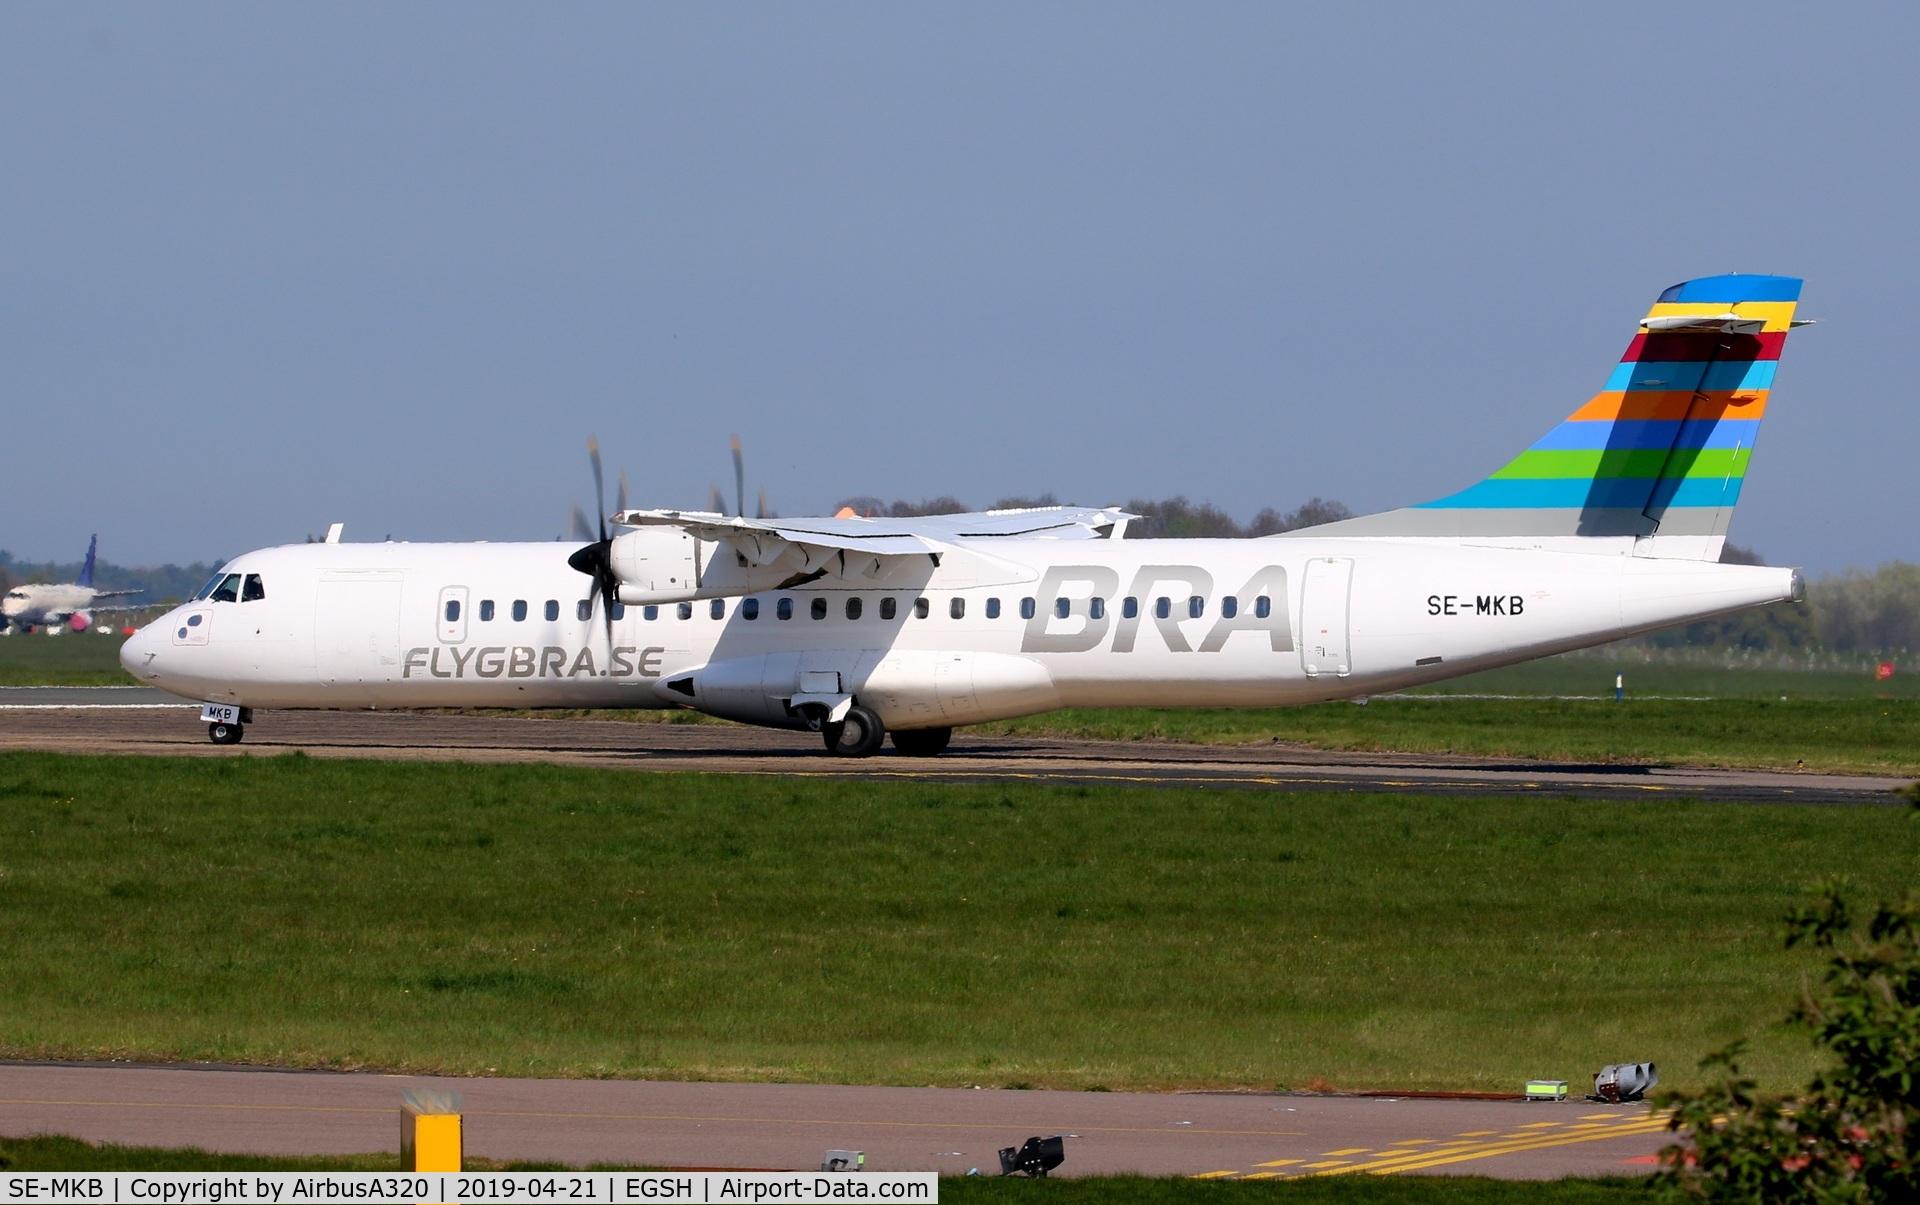 SE-MKB, 2015 ATR 72-212A C/N 1308, Departing for Rwy 09